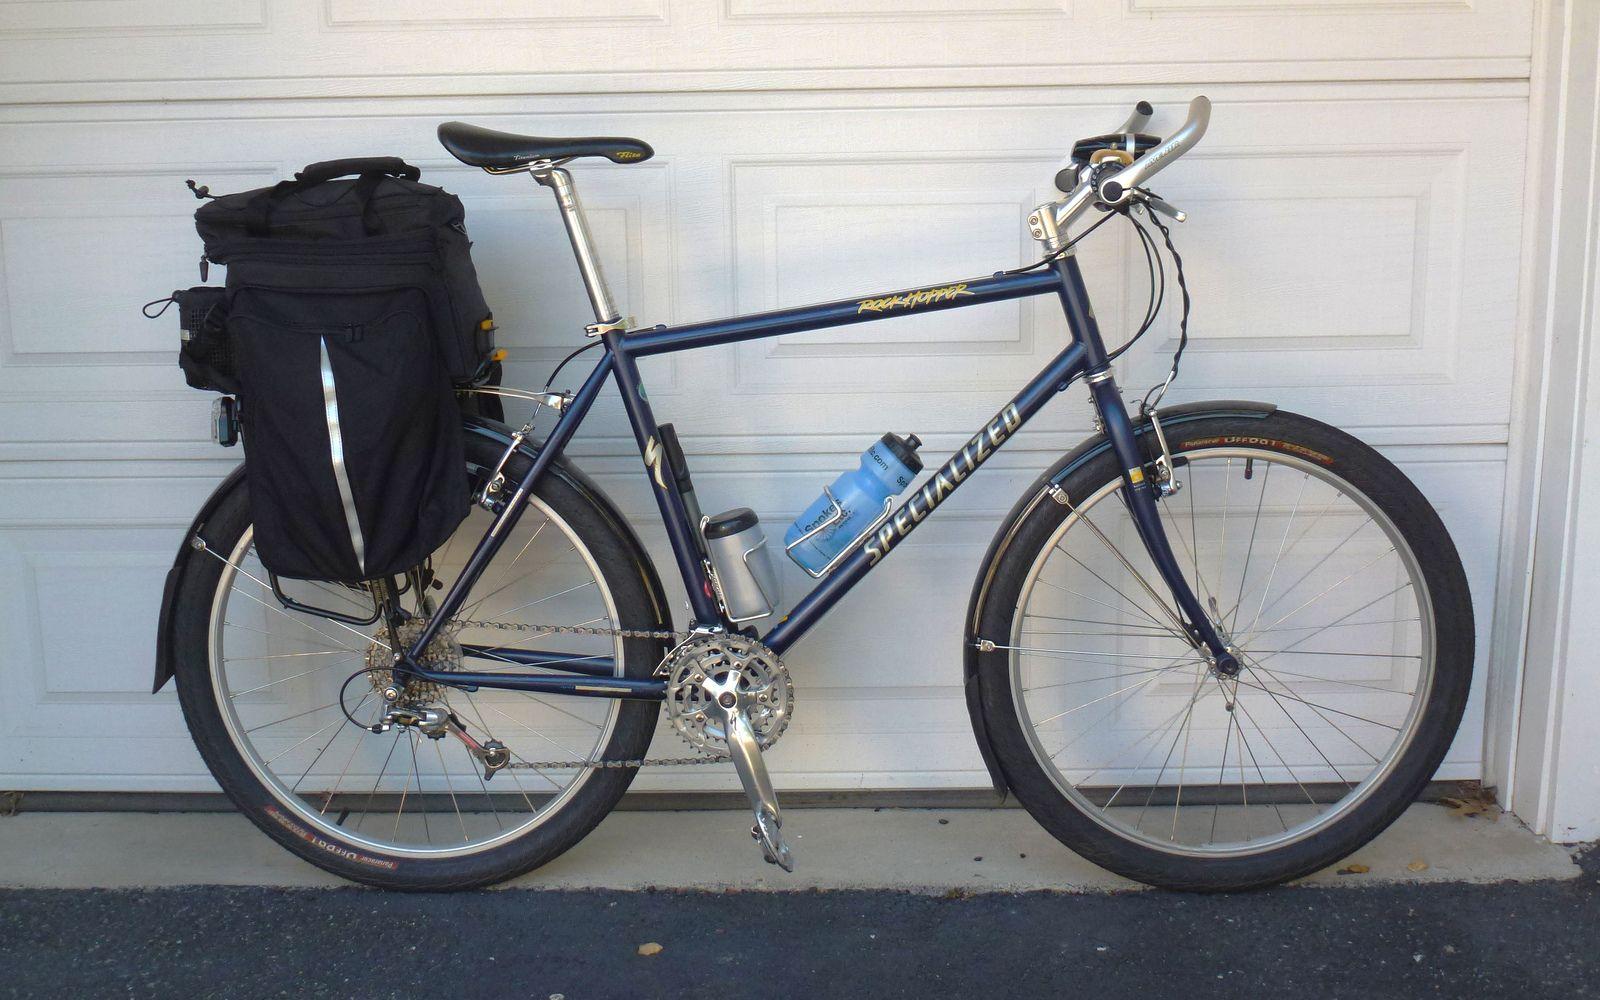 Show Your Vintage Mtb Drop Bar Conversions Page 141 Vintage Mountain Bike Touring Bike Mountain Bike Tour